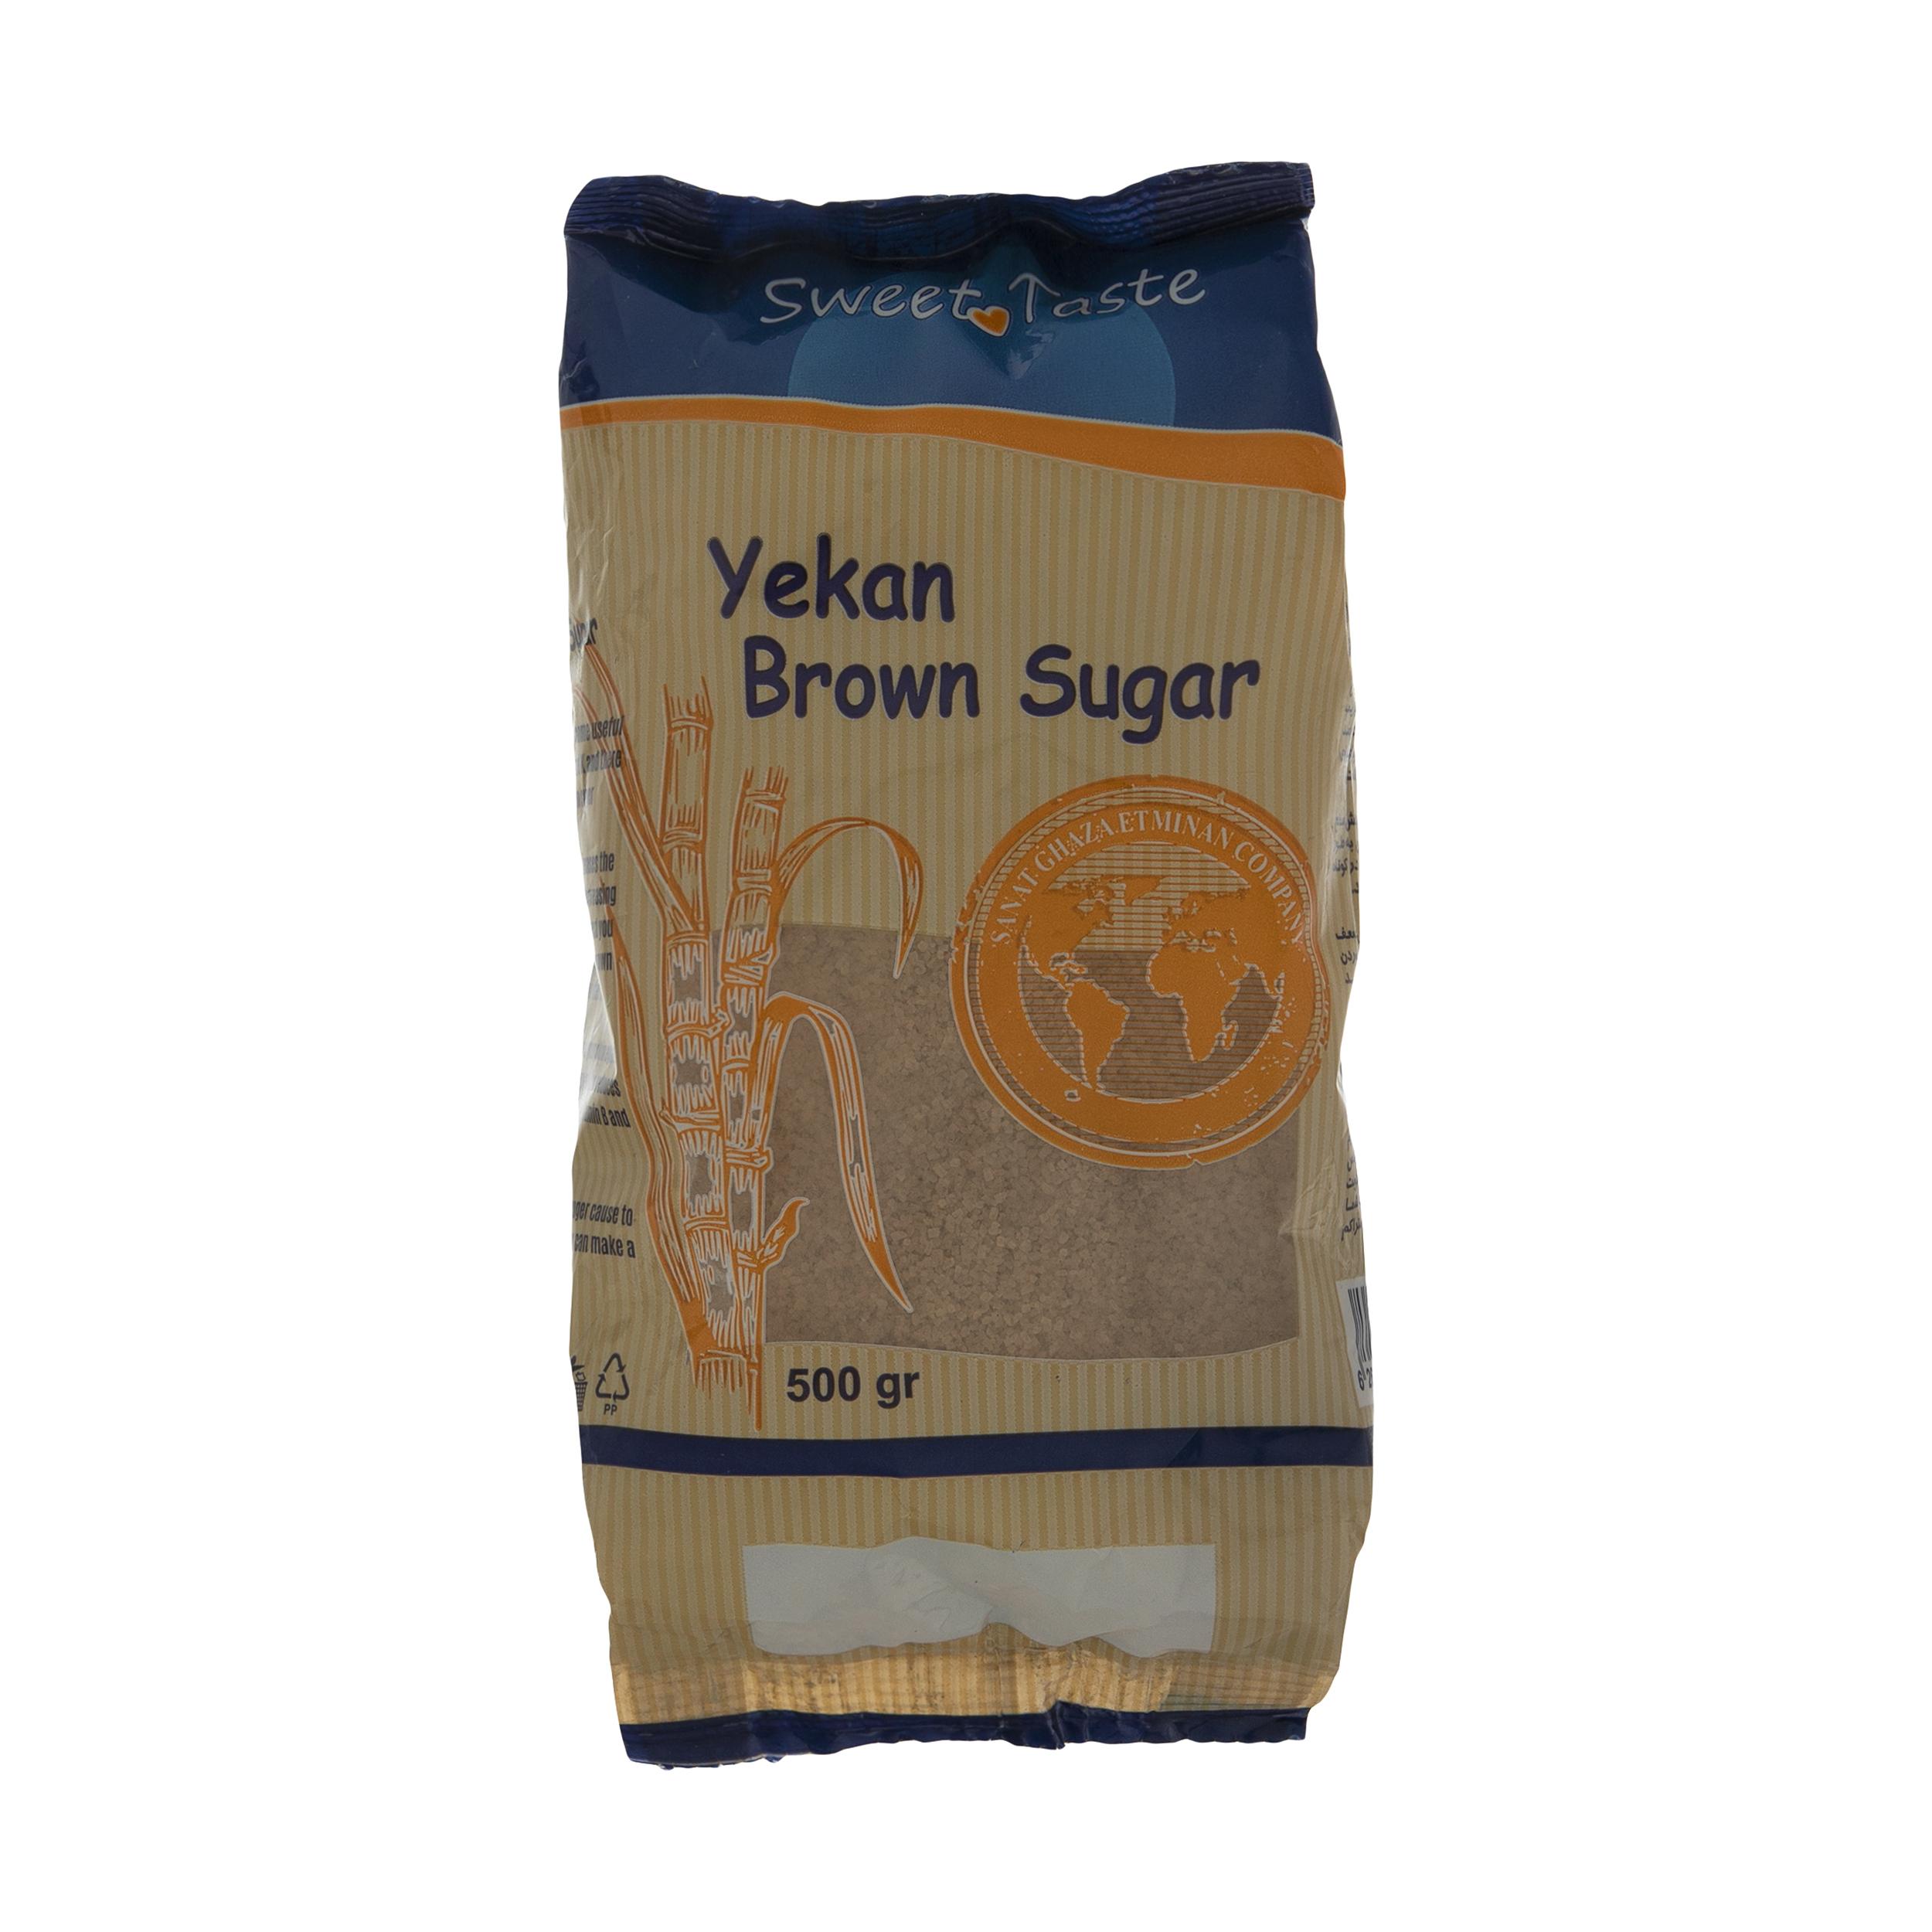 شکر قهوه ای یکان - 500 گرم